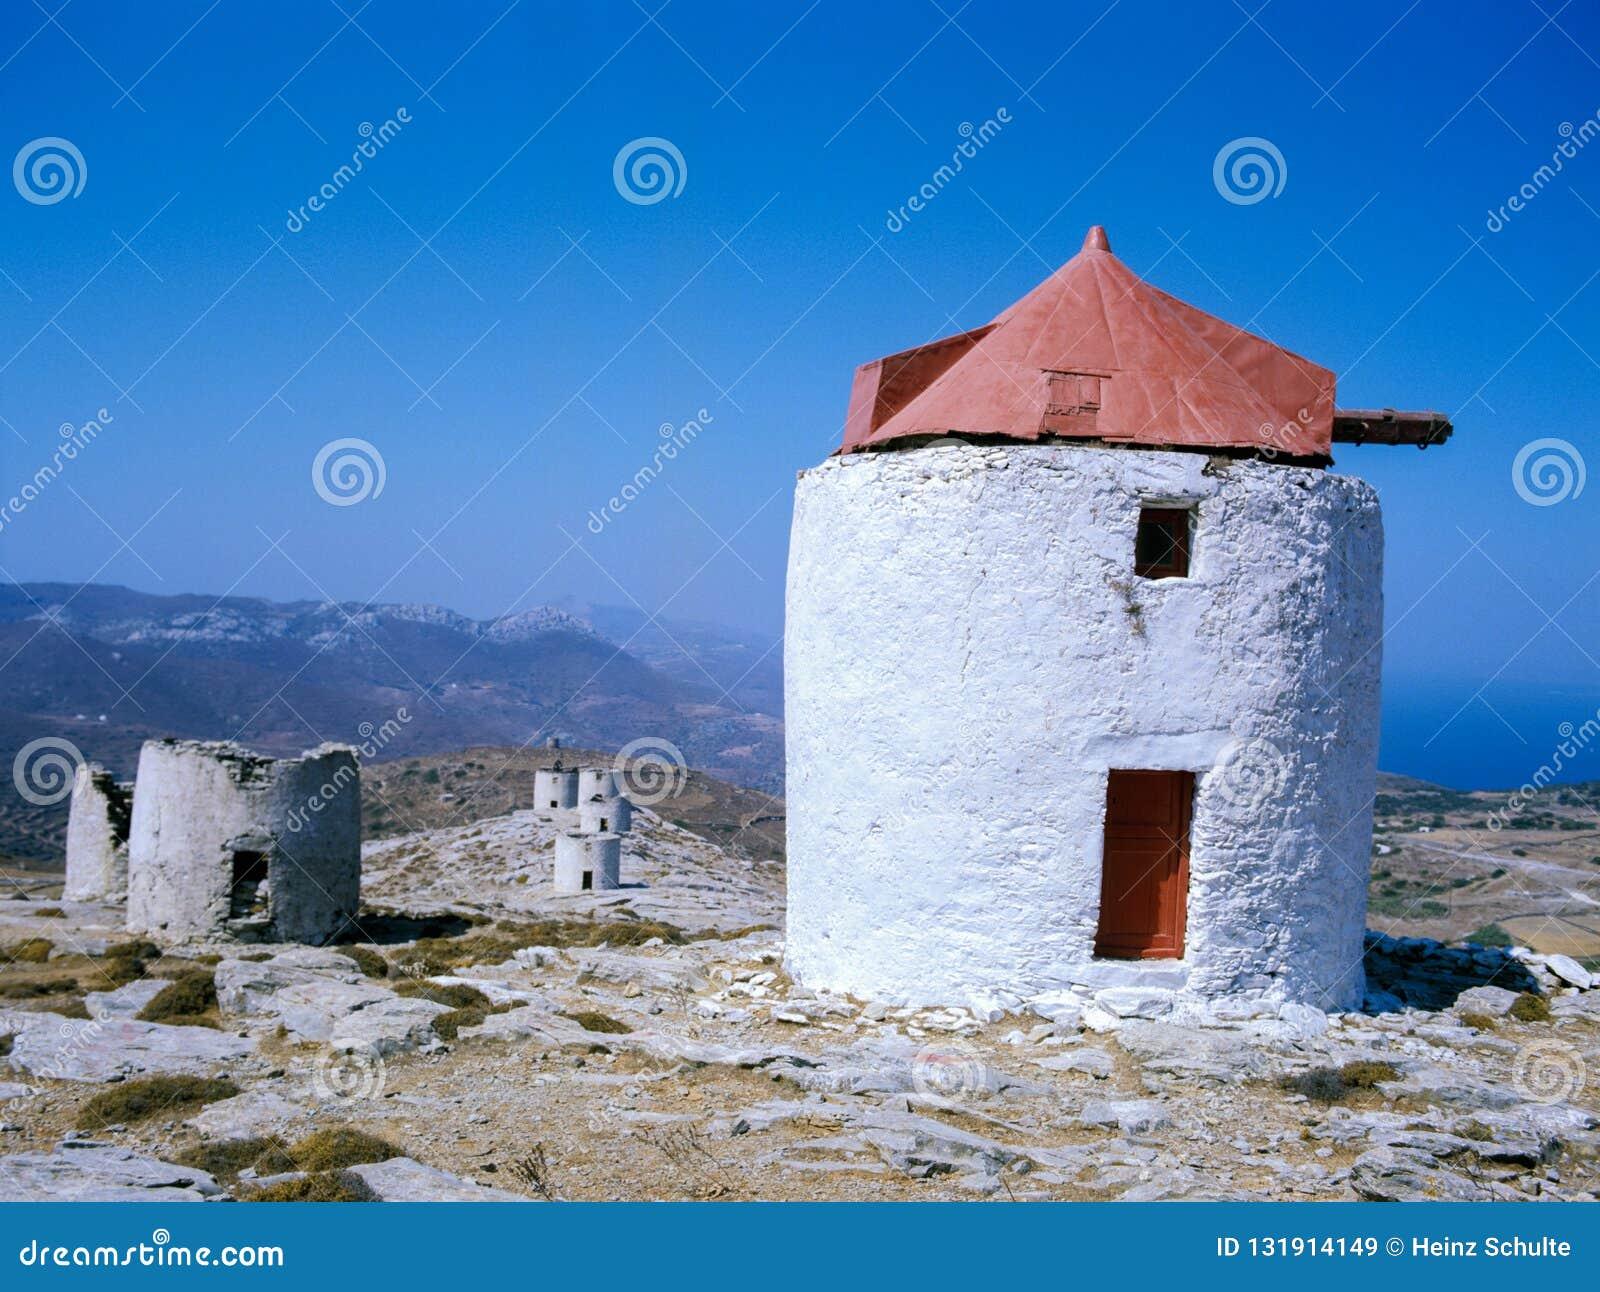 Moulins à vent sur Amorgos, une petite île du Kyklades dans le Meditarranean, Grèce